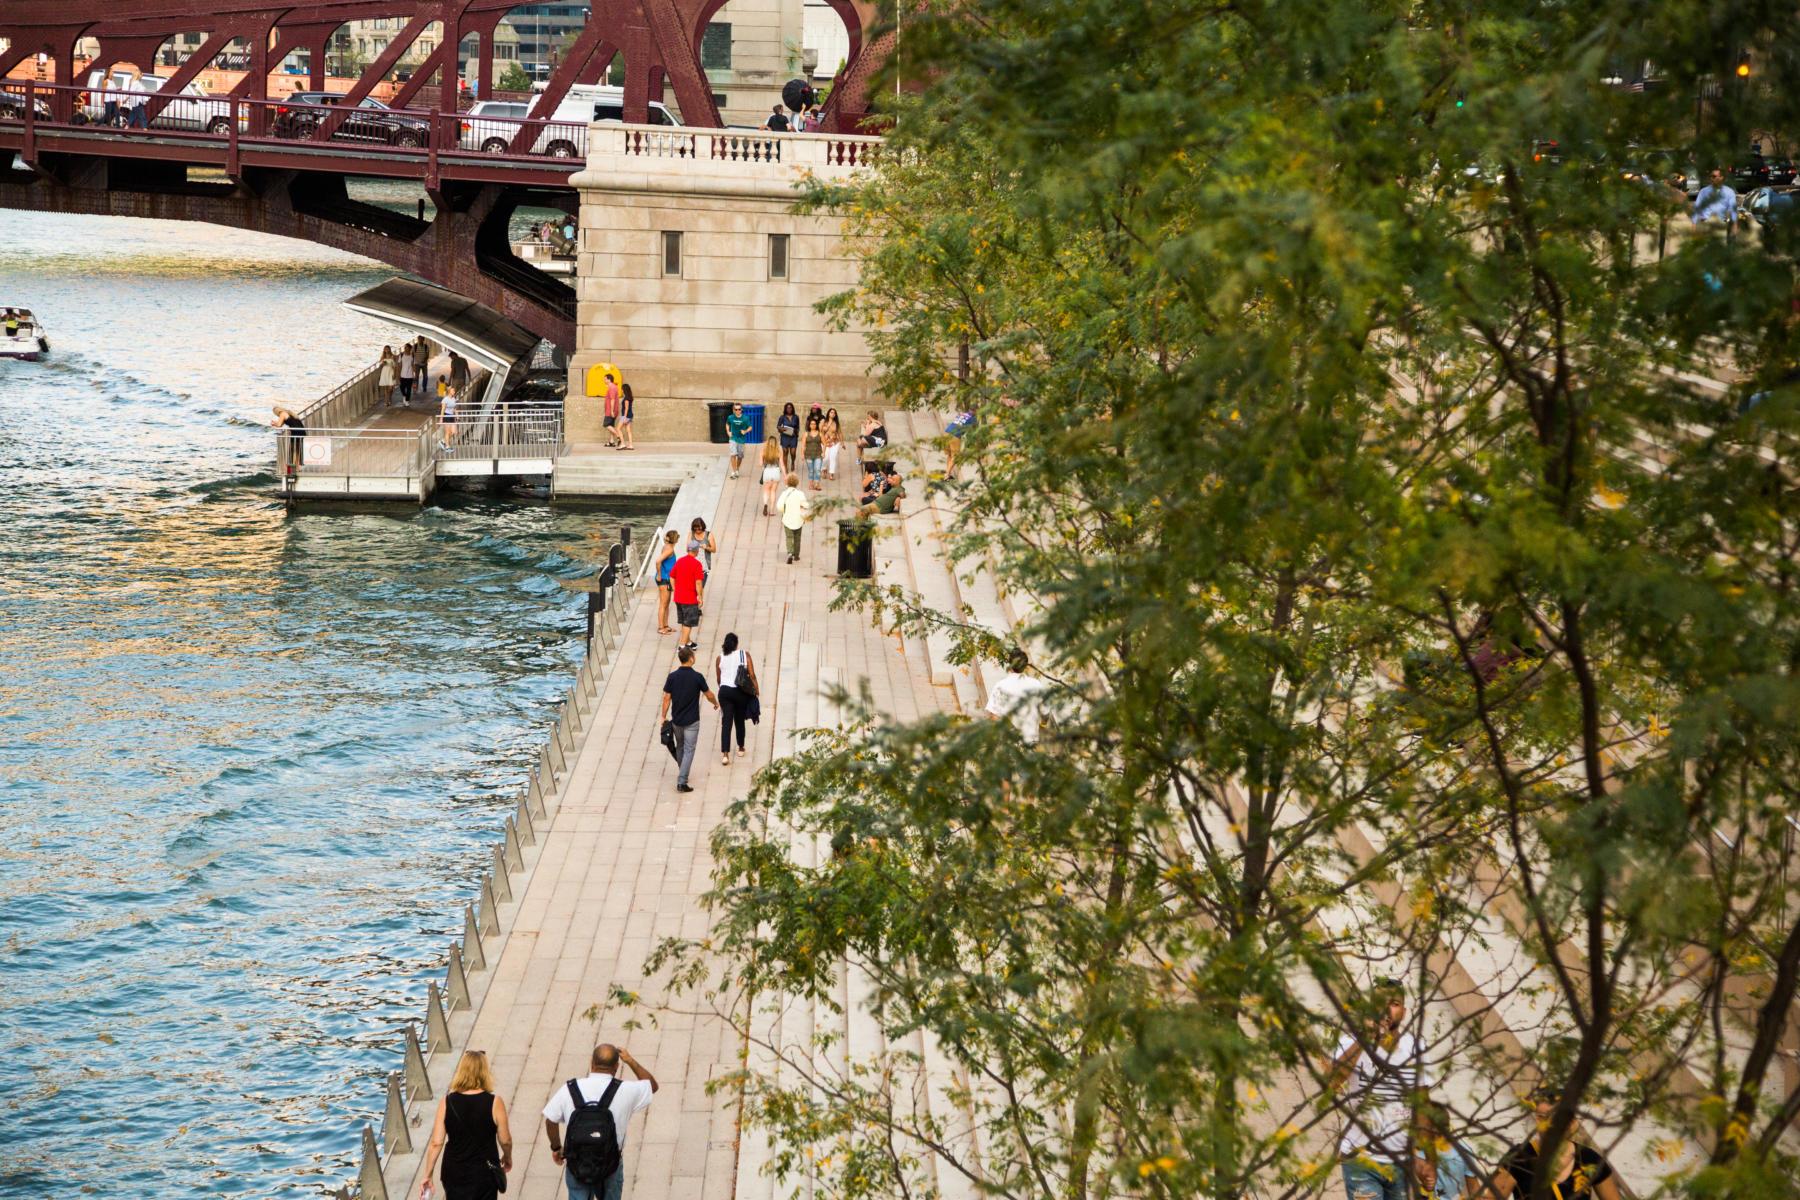 Pedestrians walk on the Chicago Riverwalk in summer